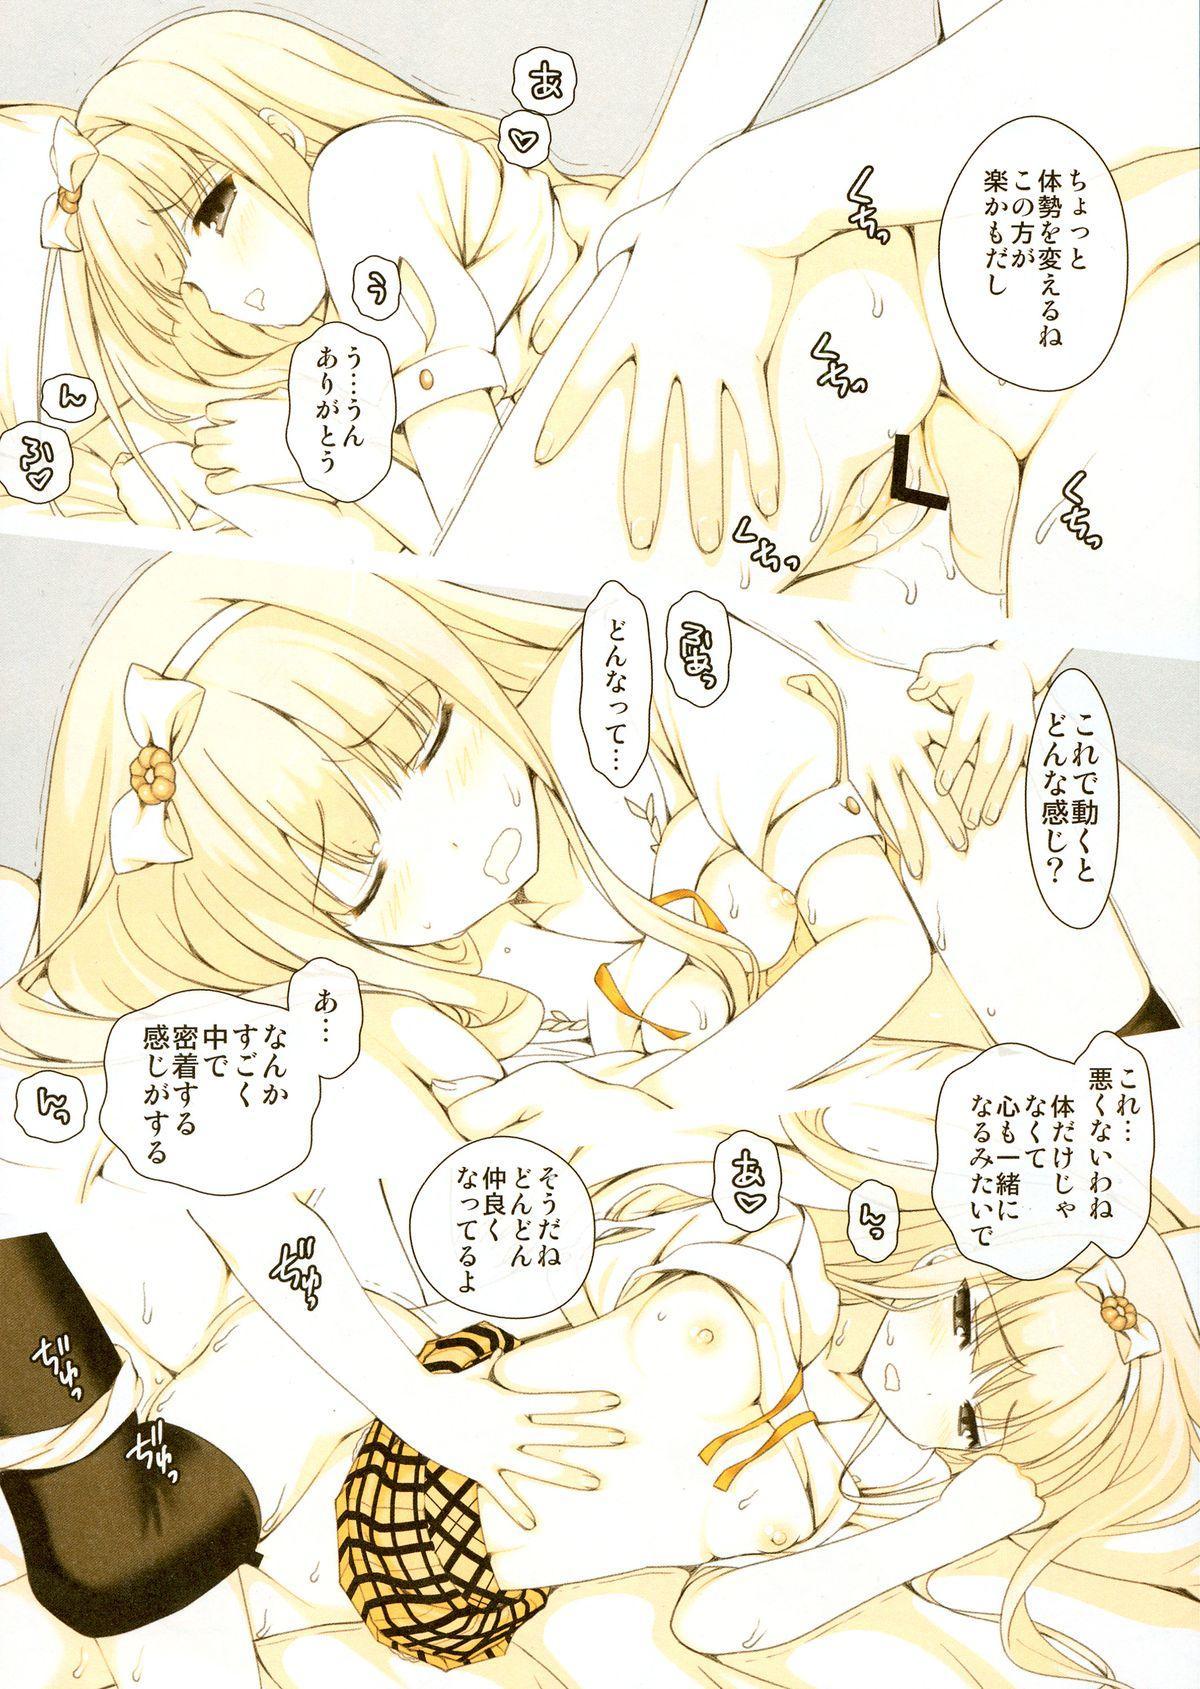 Komame-chan Fubin Kawaii 5